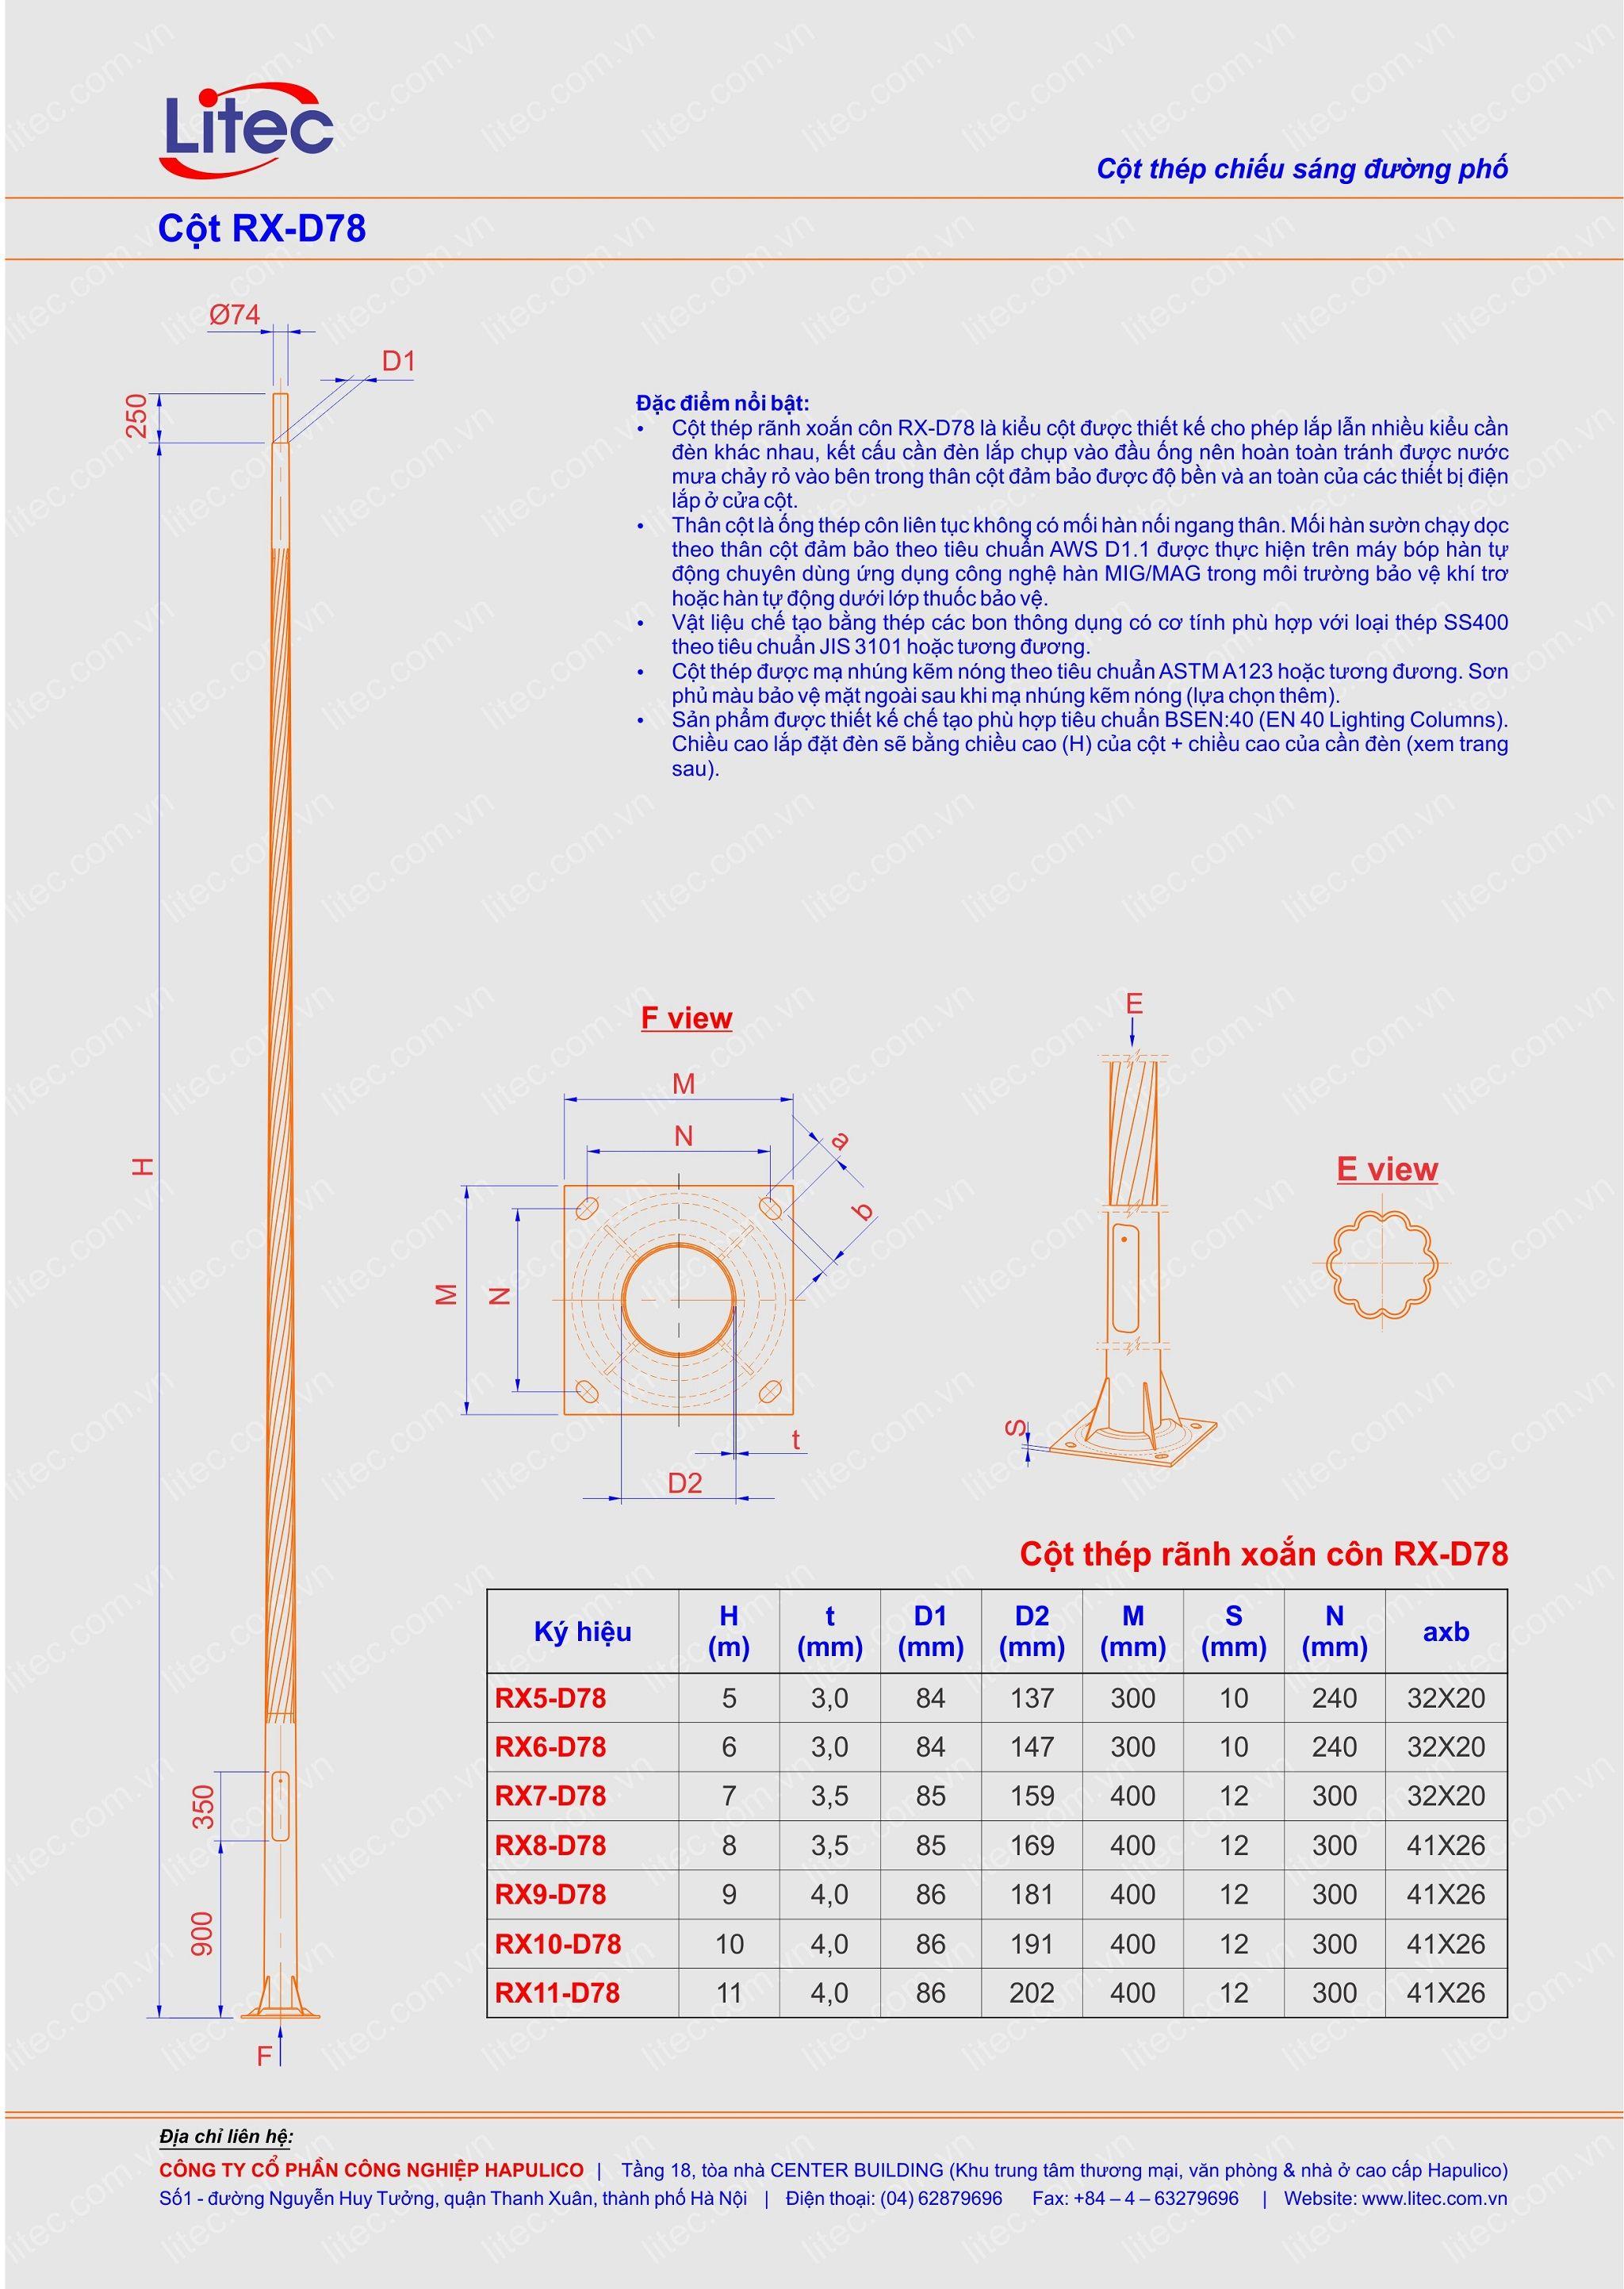 Cột đèn rời cần thân kẻ côn xoắn 6M 7M 8M 9M 10M 11M